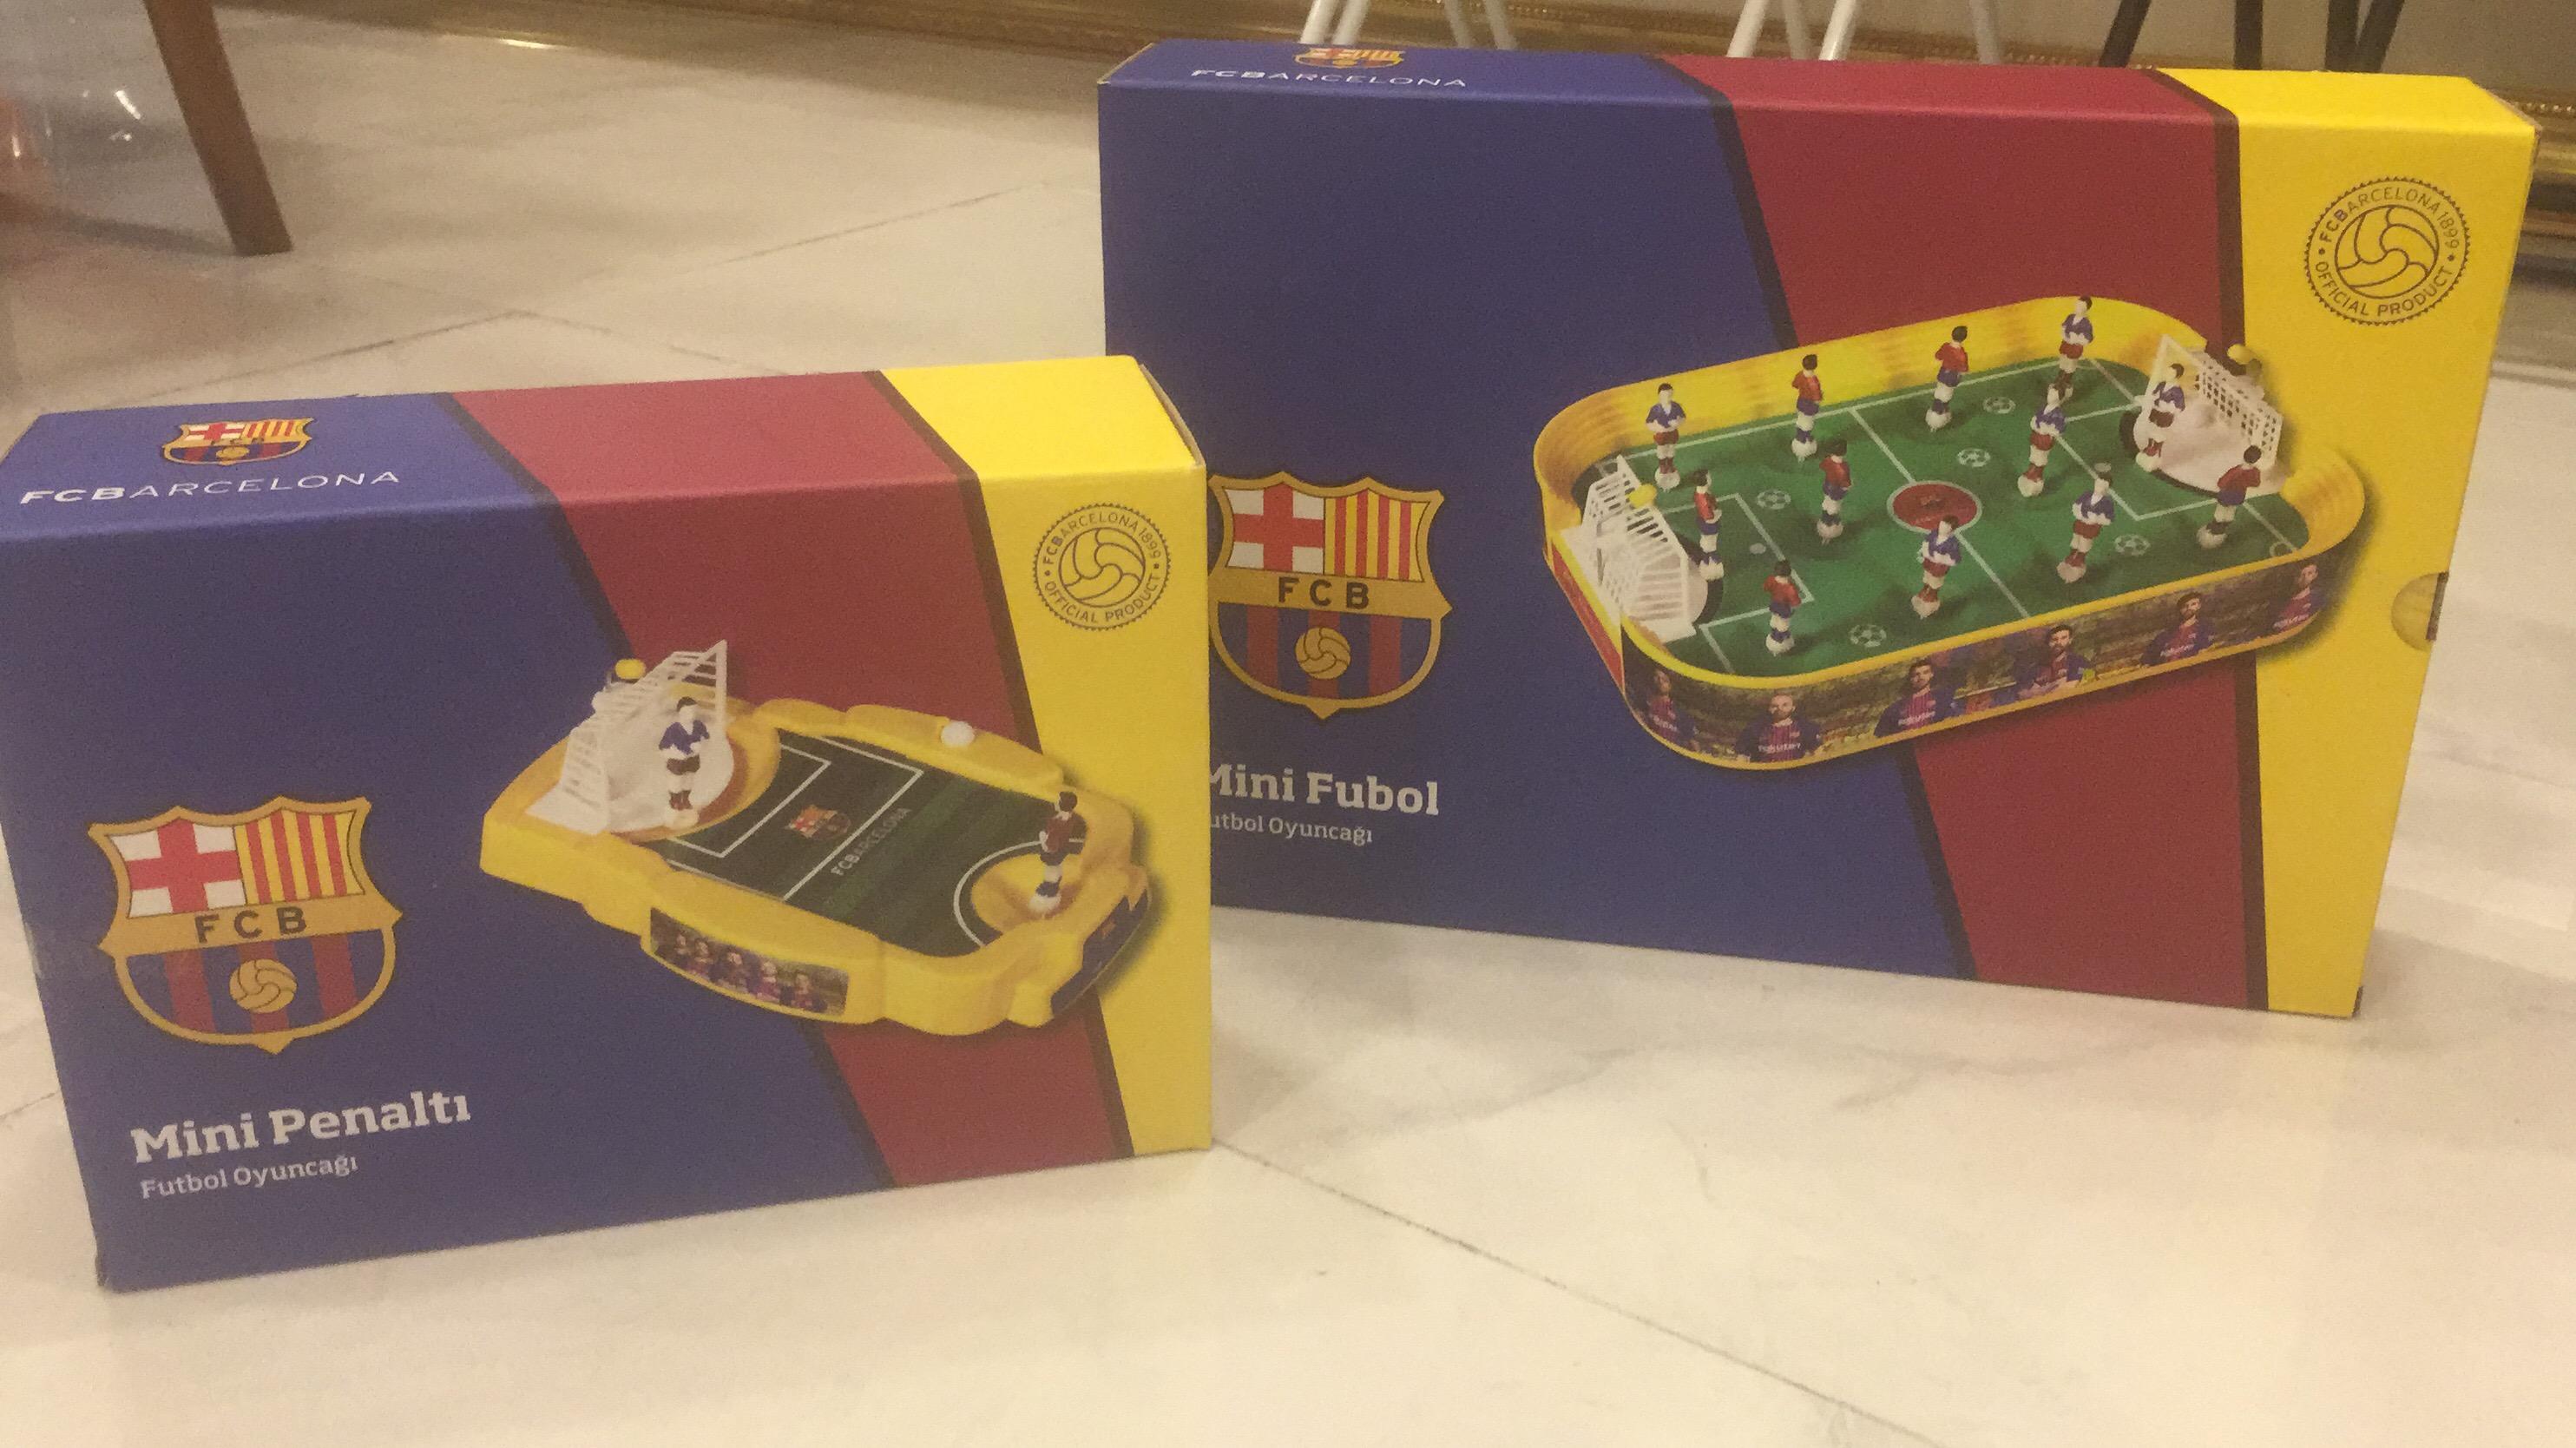 Mini Penaltı Futbol Oyuncağı